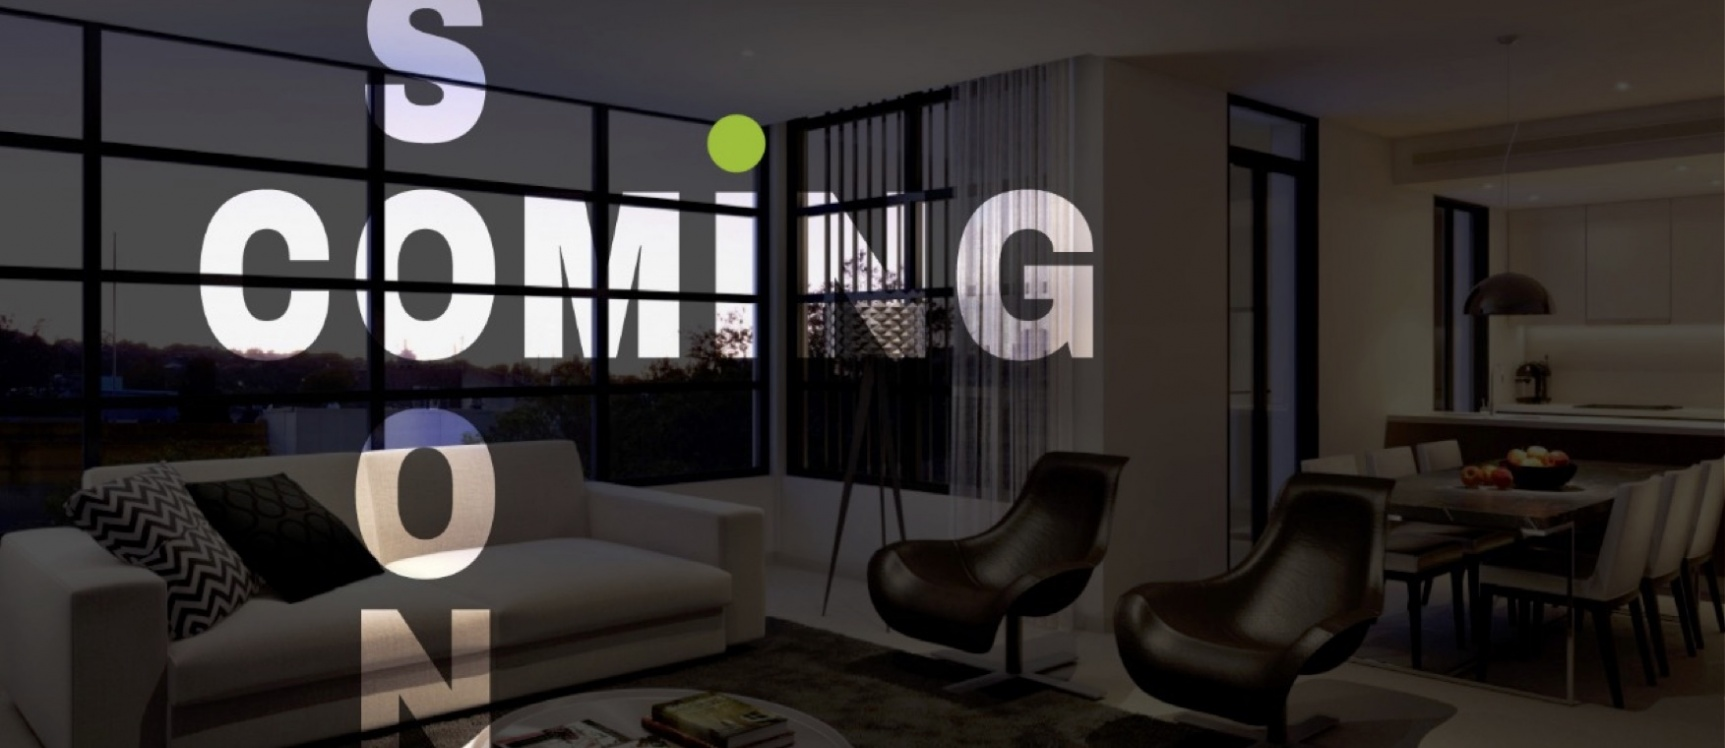 GeoBienes - Casa en venta, urbanización Villa Club etapa Magna  - Plusvalia Guayaquil Casas de venta y alquiler Inmobiliaria Ecuador